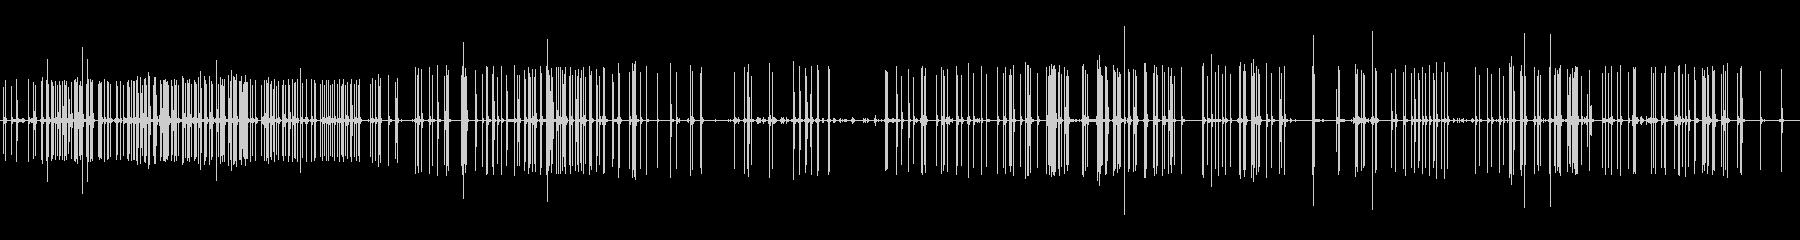 電気的静電気;故障したパワーアップZapの未再生の波形